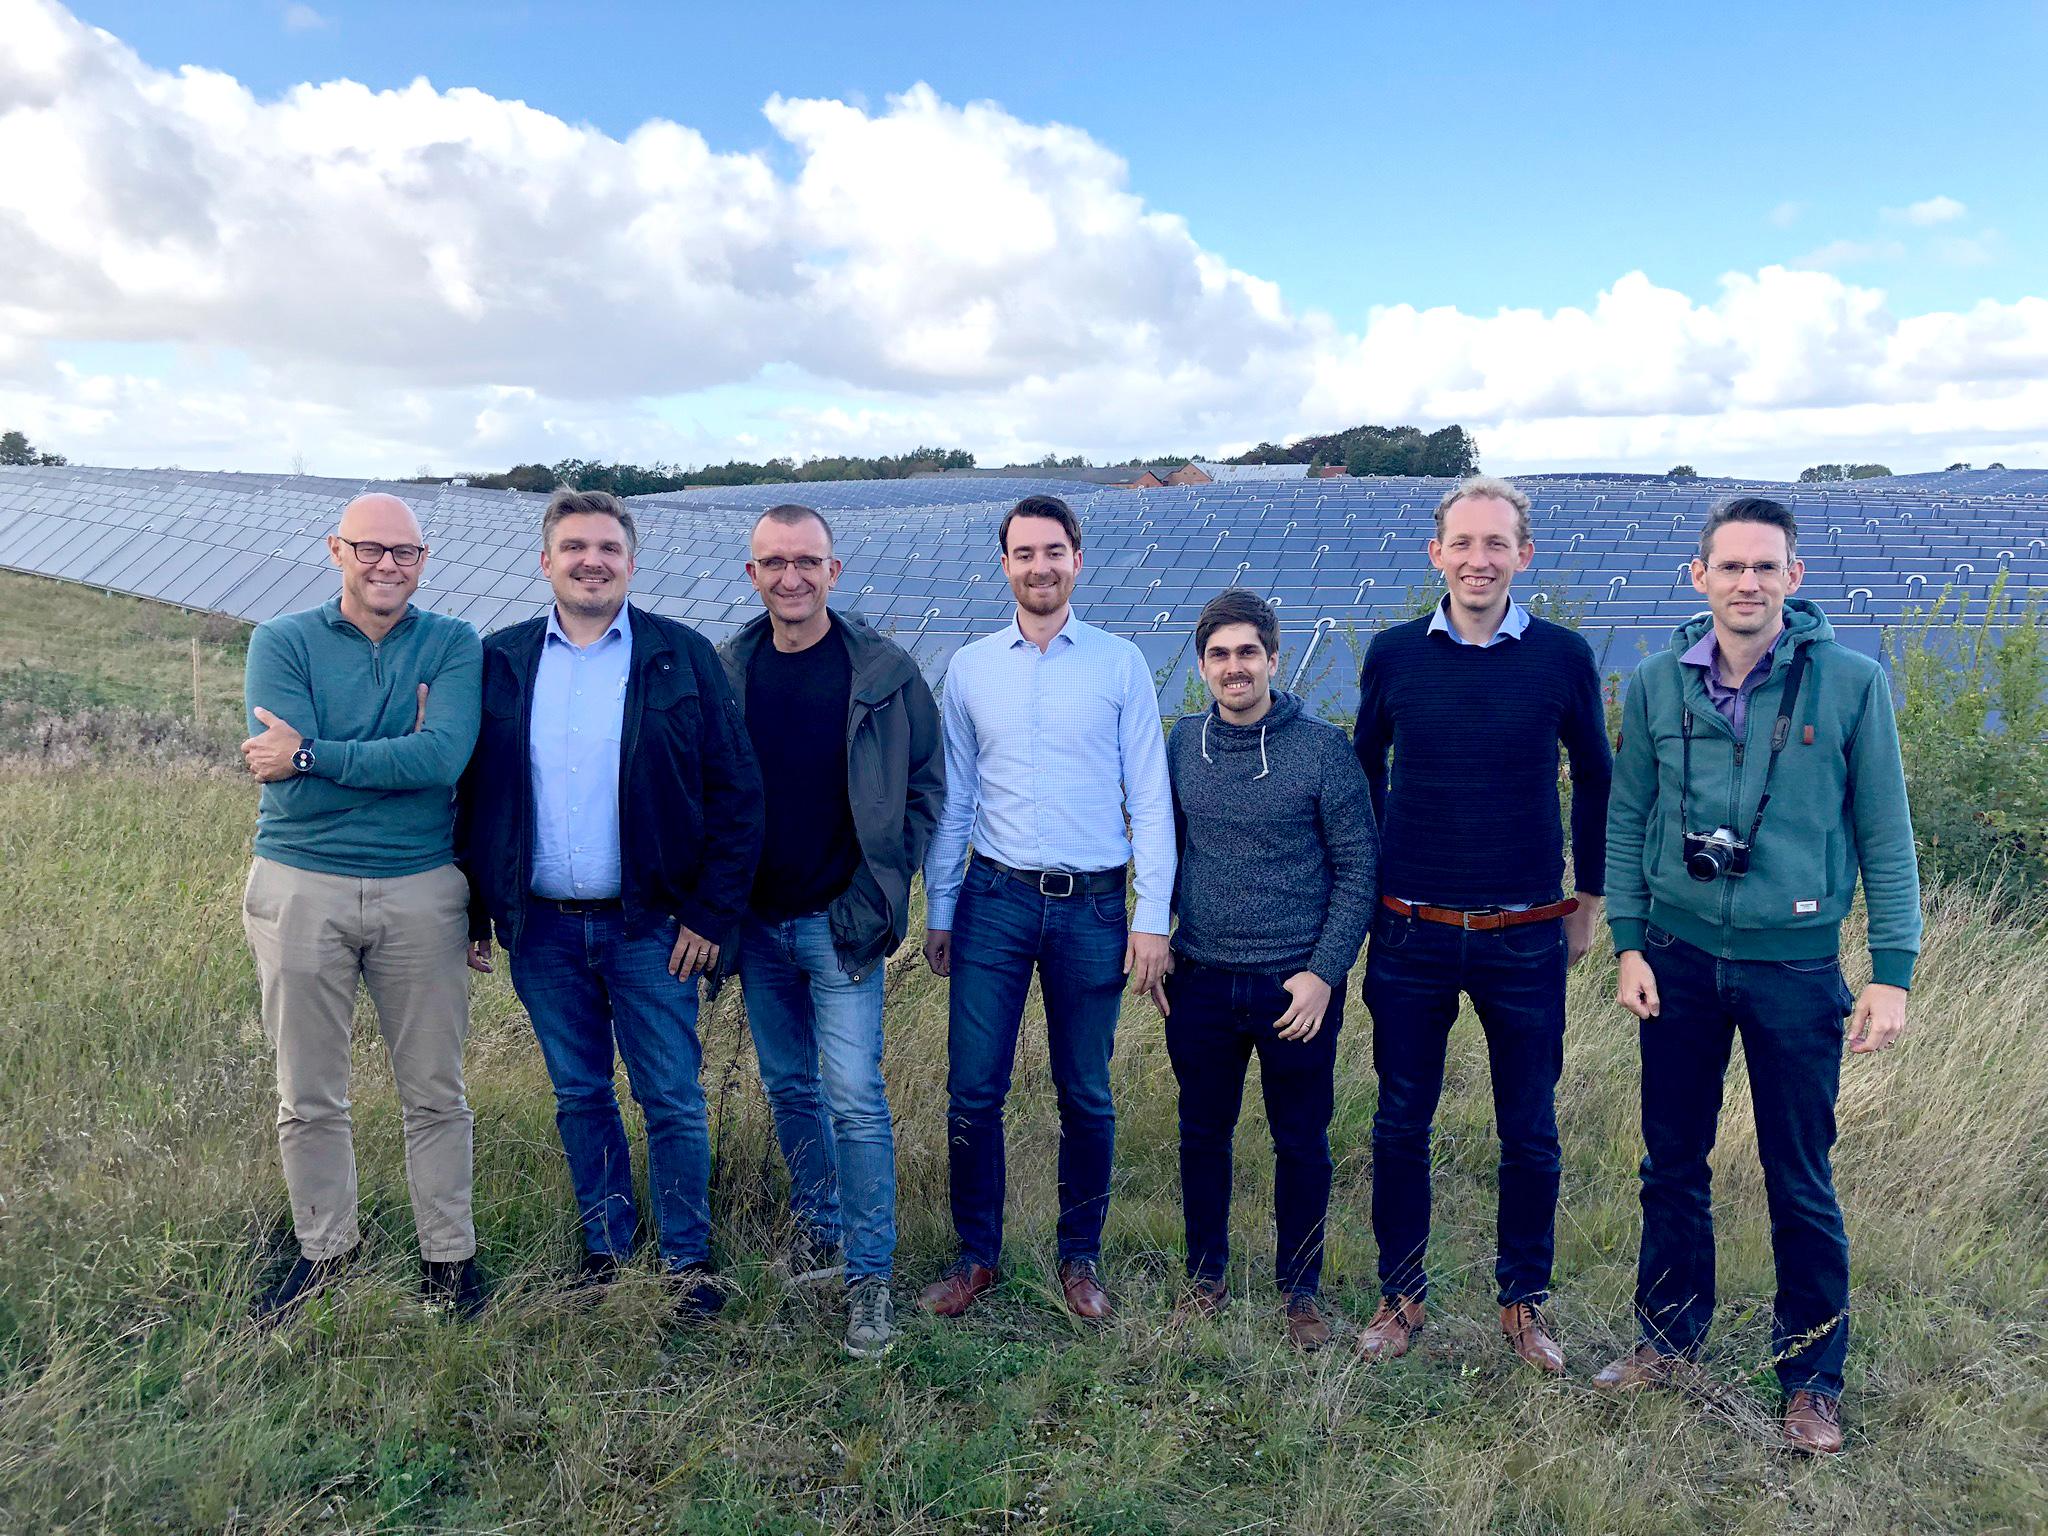 Gruppenfoto in Dänemark